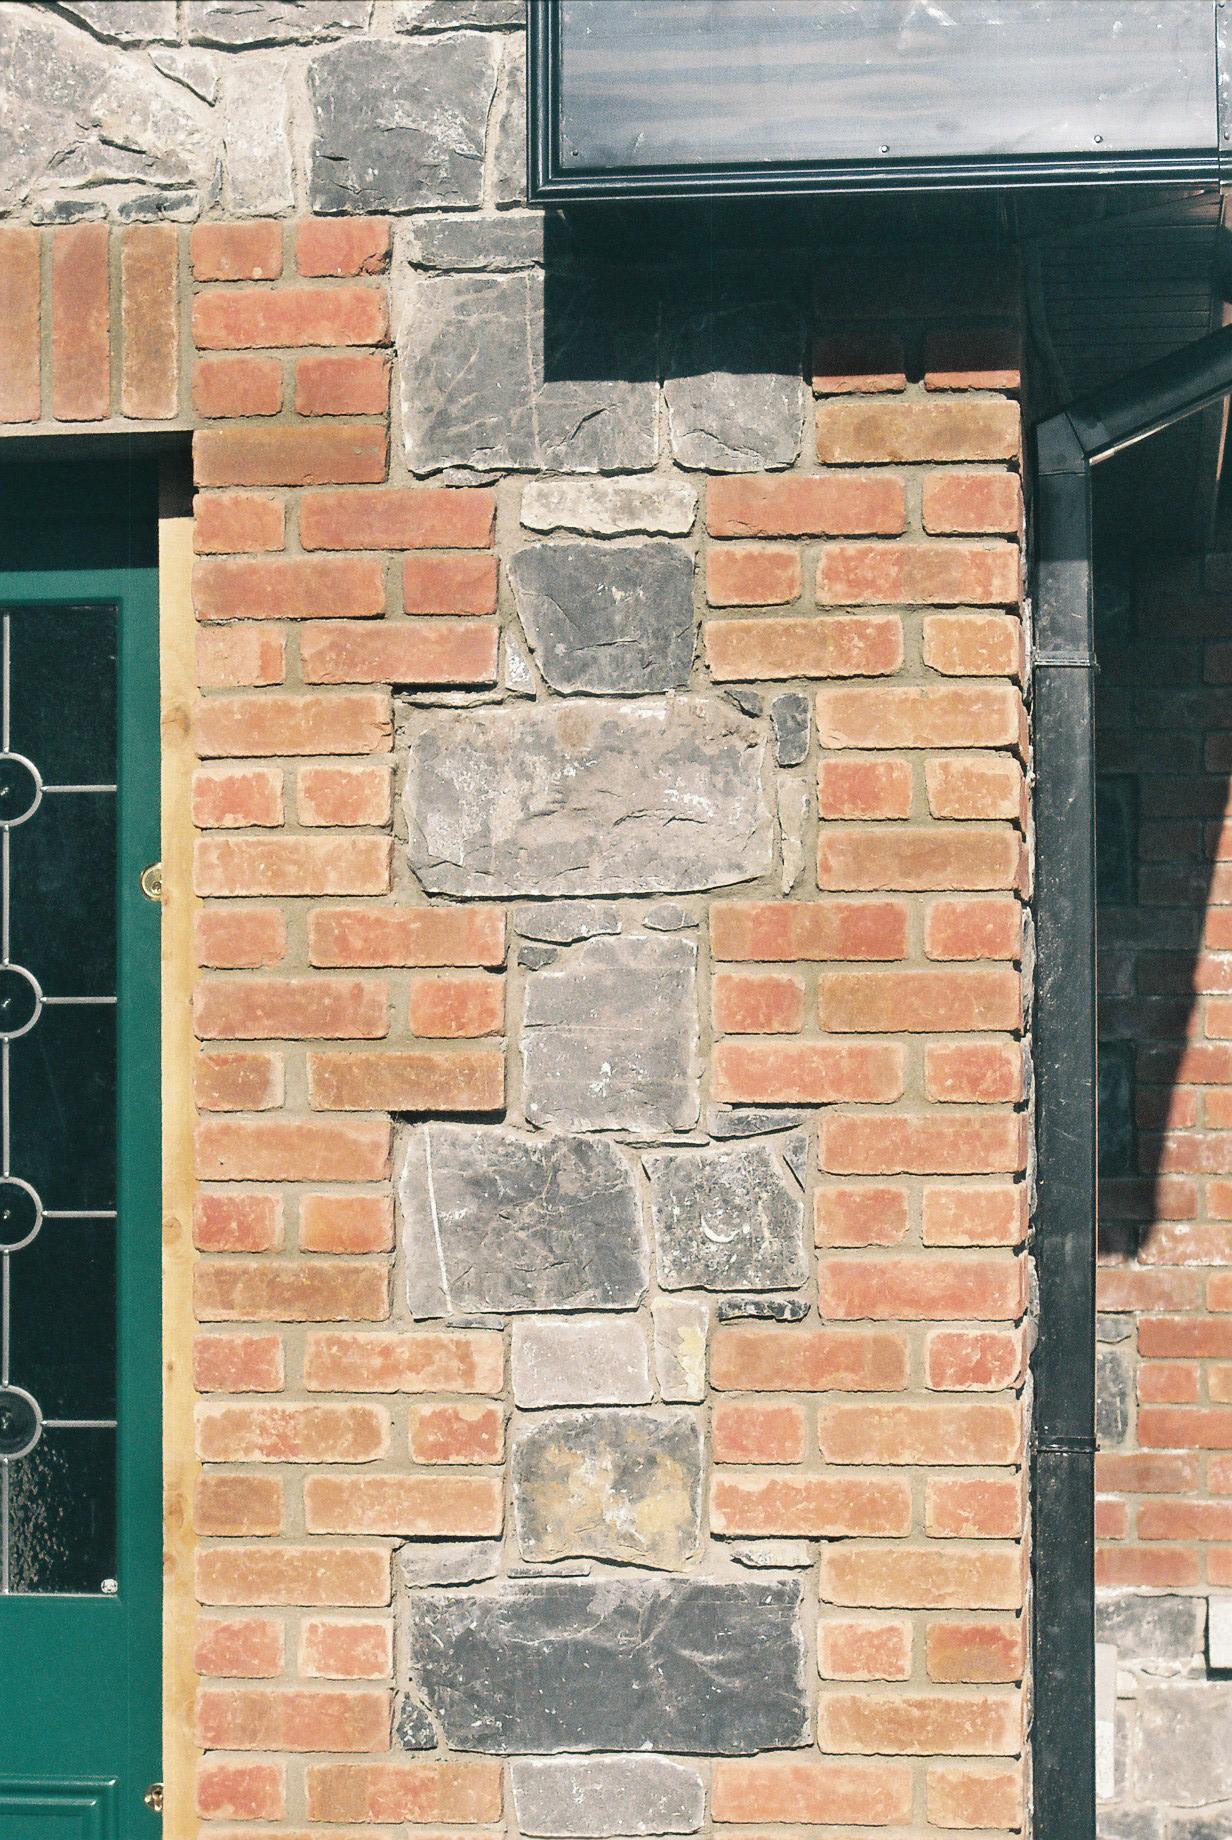 brickwork next to front door